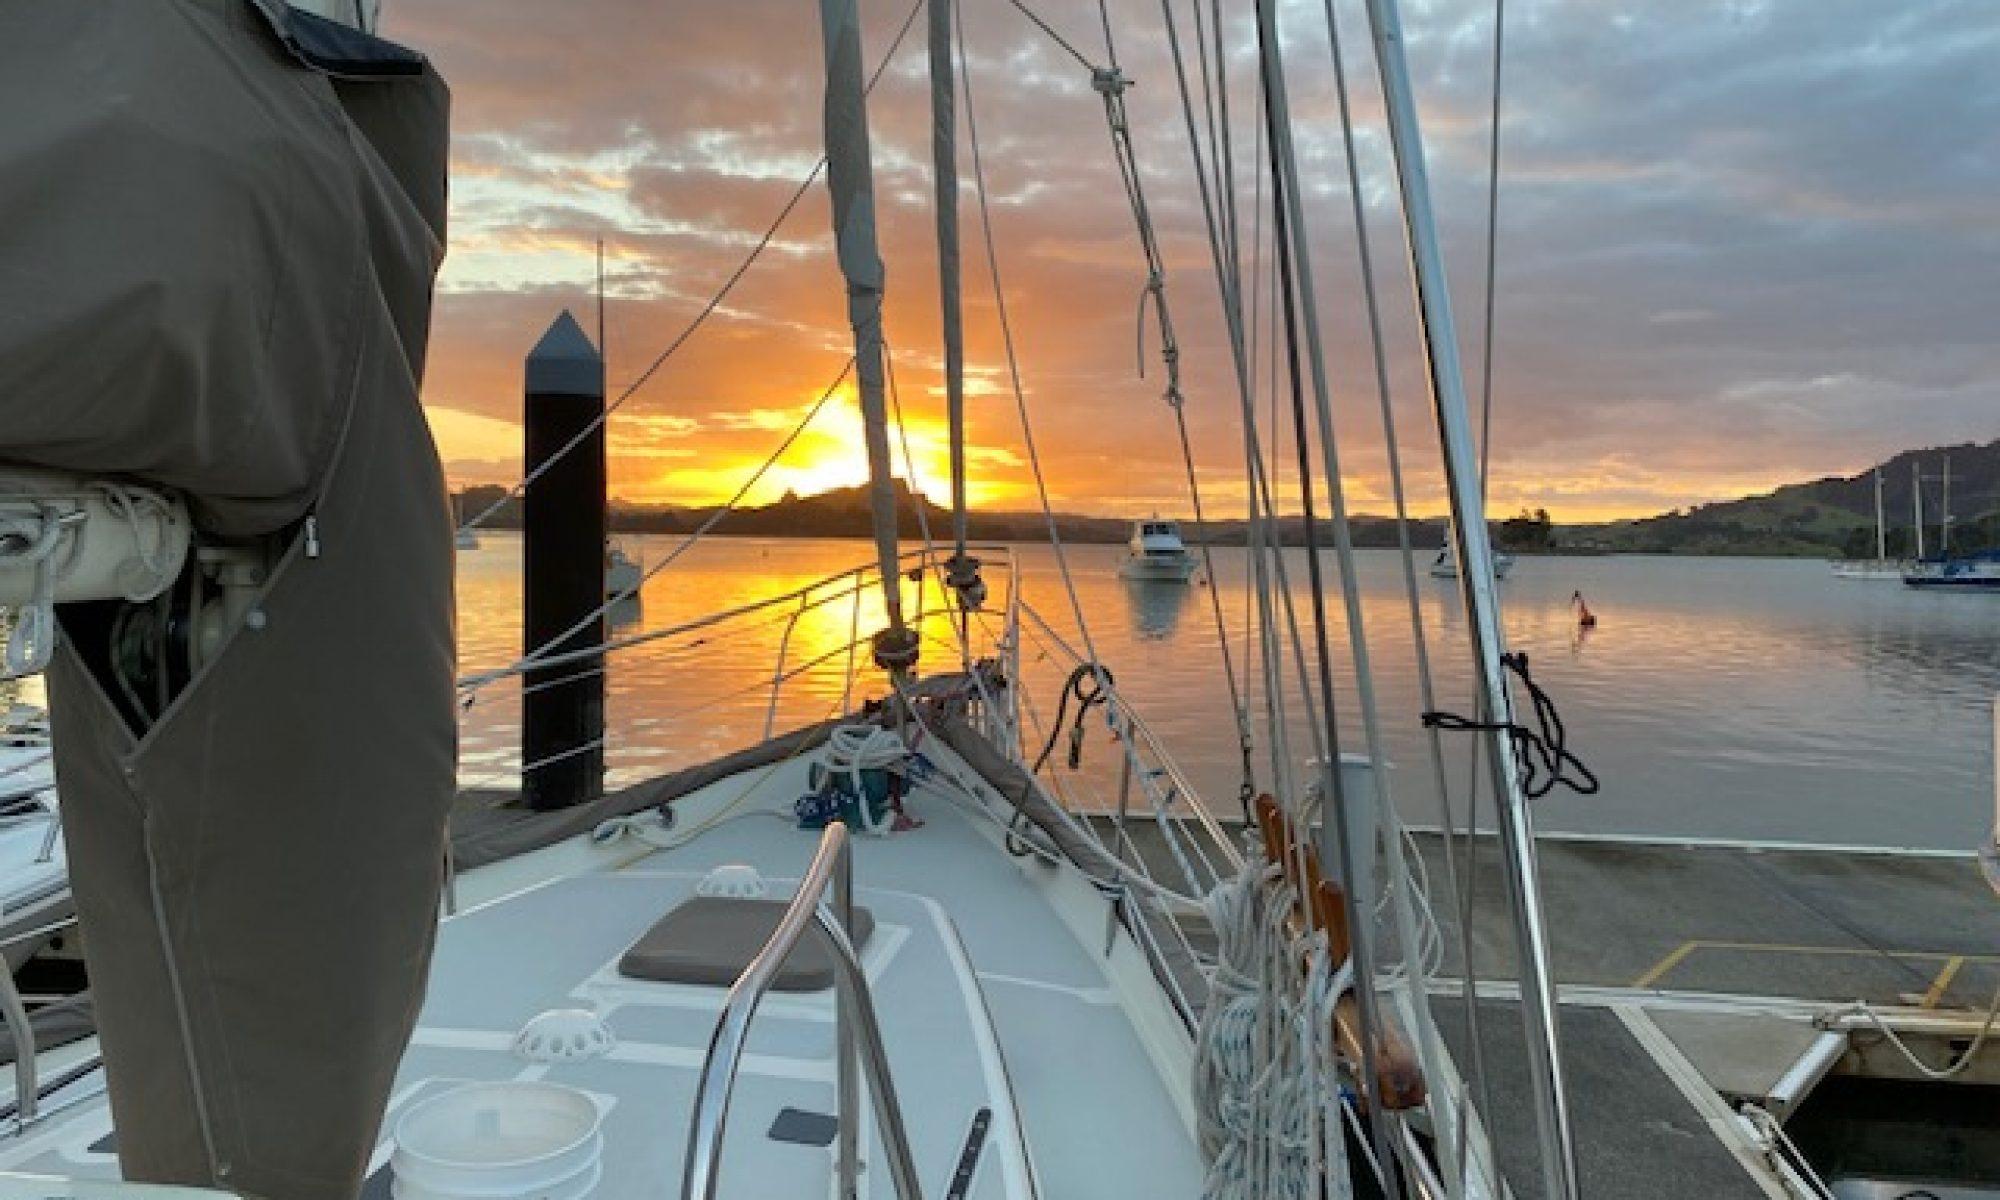 Whangaroa Marina